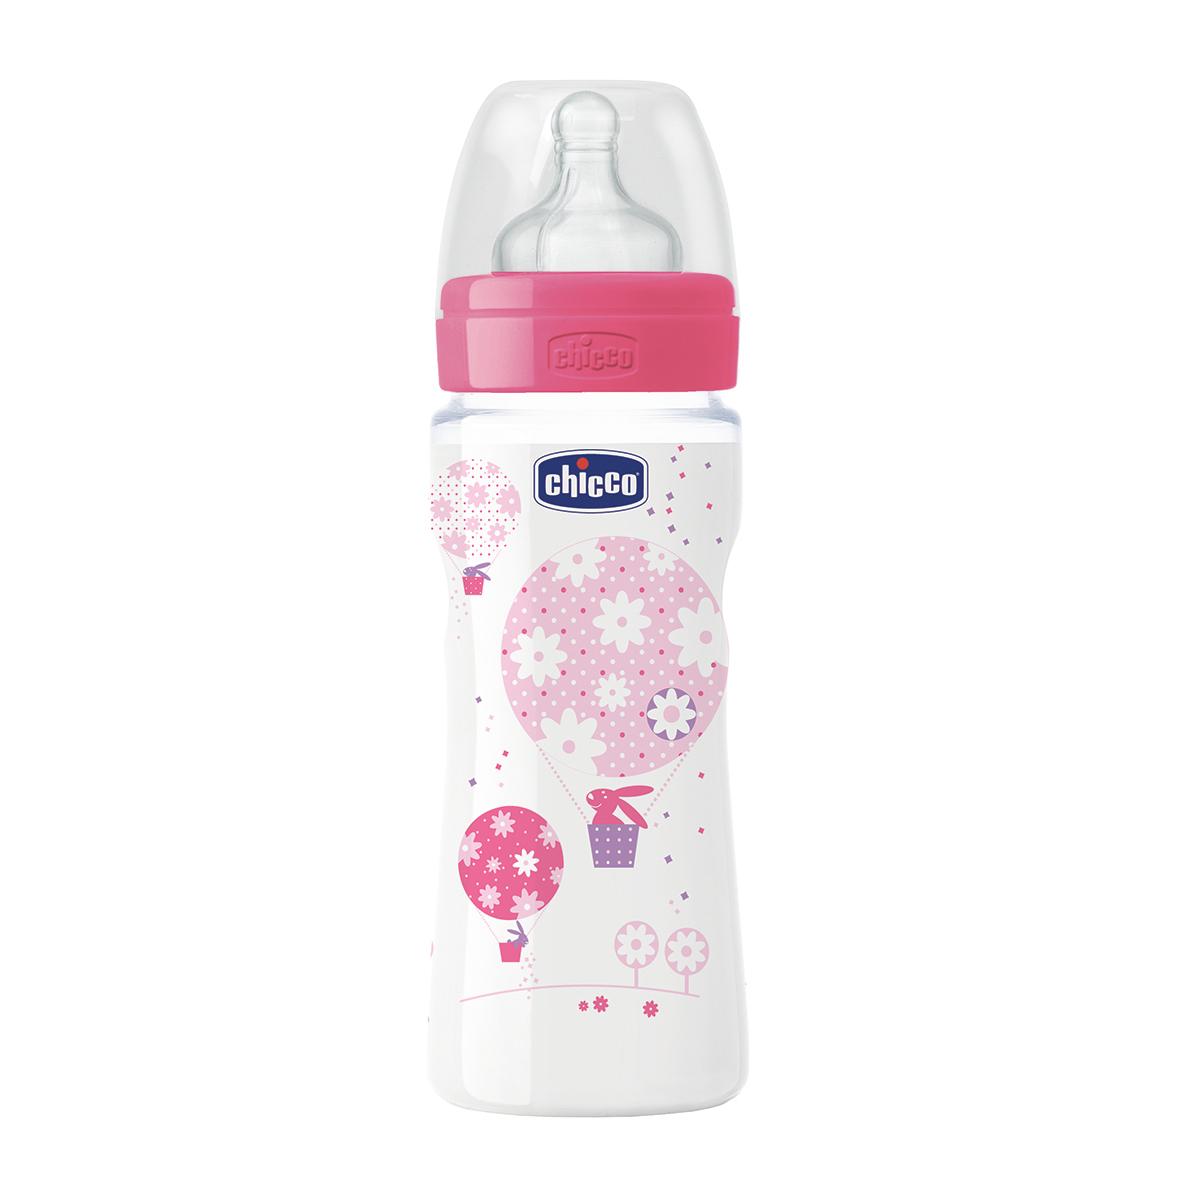 Fľaša bez BPA Well-Being silikónový cumlík rýchly ružová 330ml